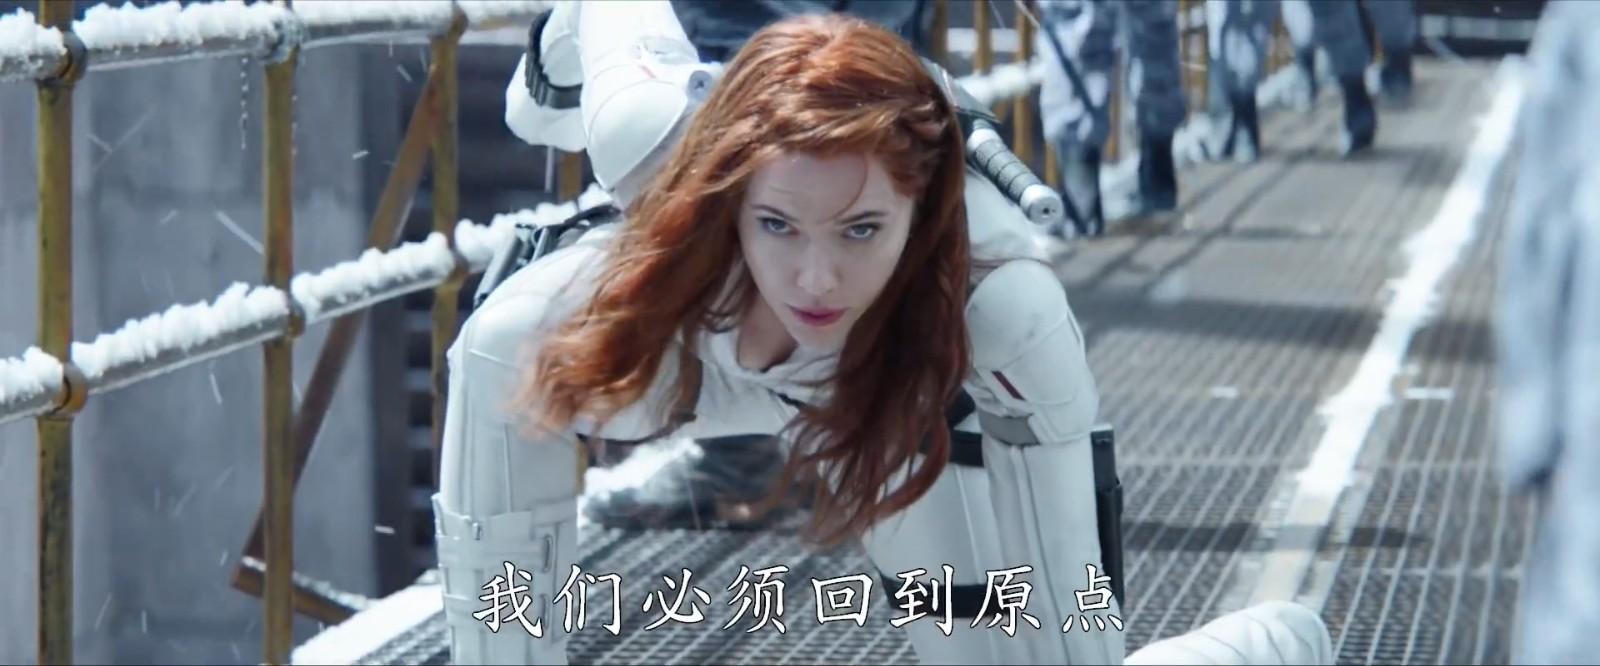 《黑寡妇》电影新中文版预告 7月9日北美上映